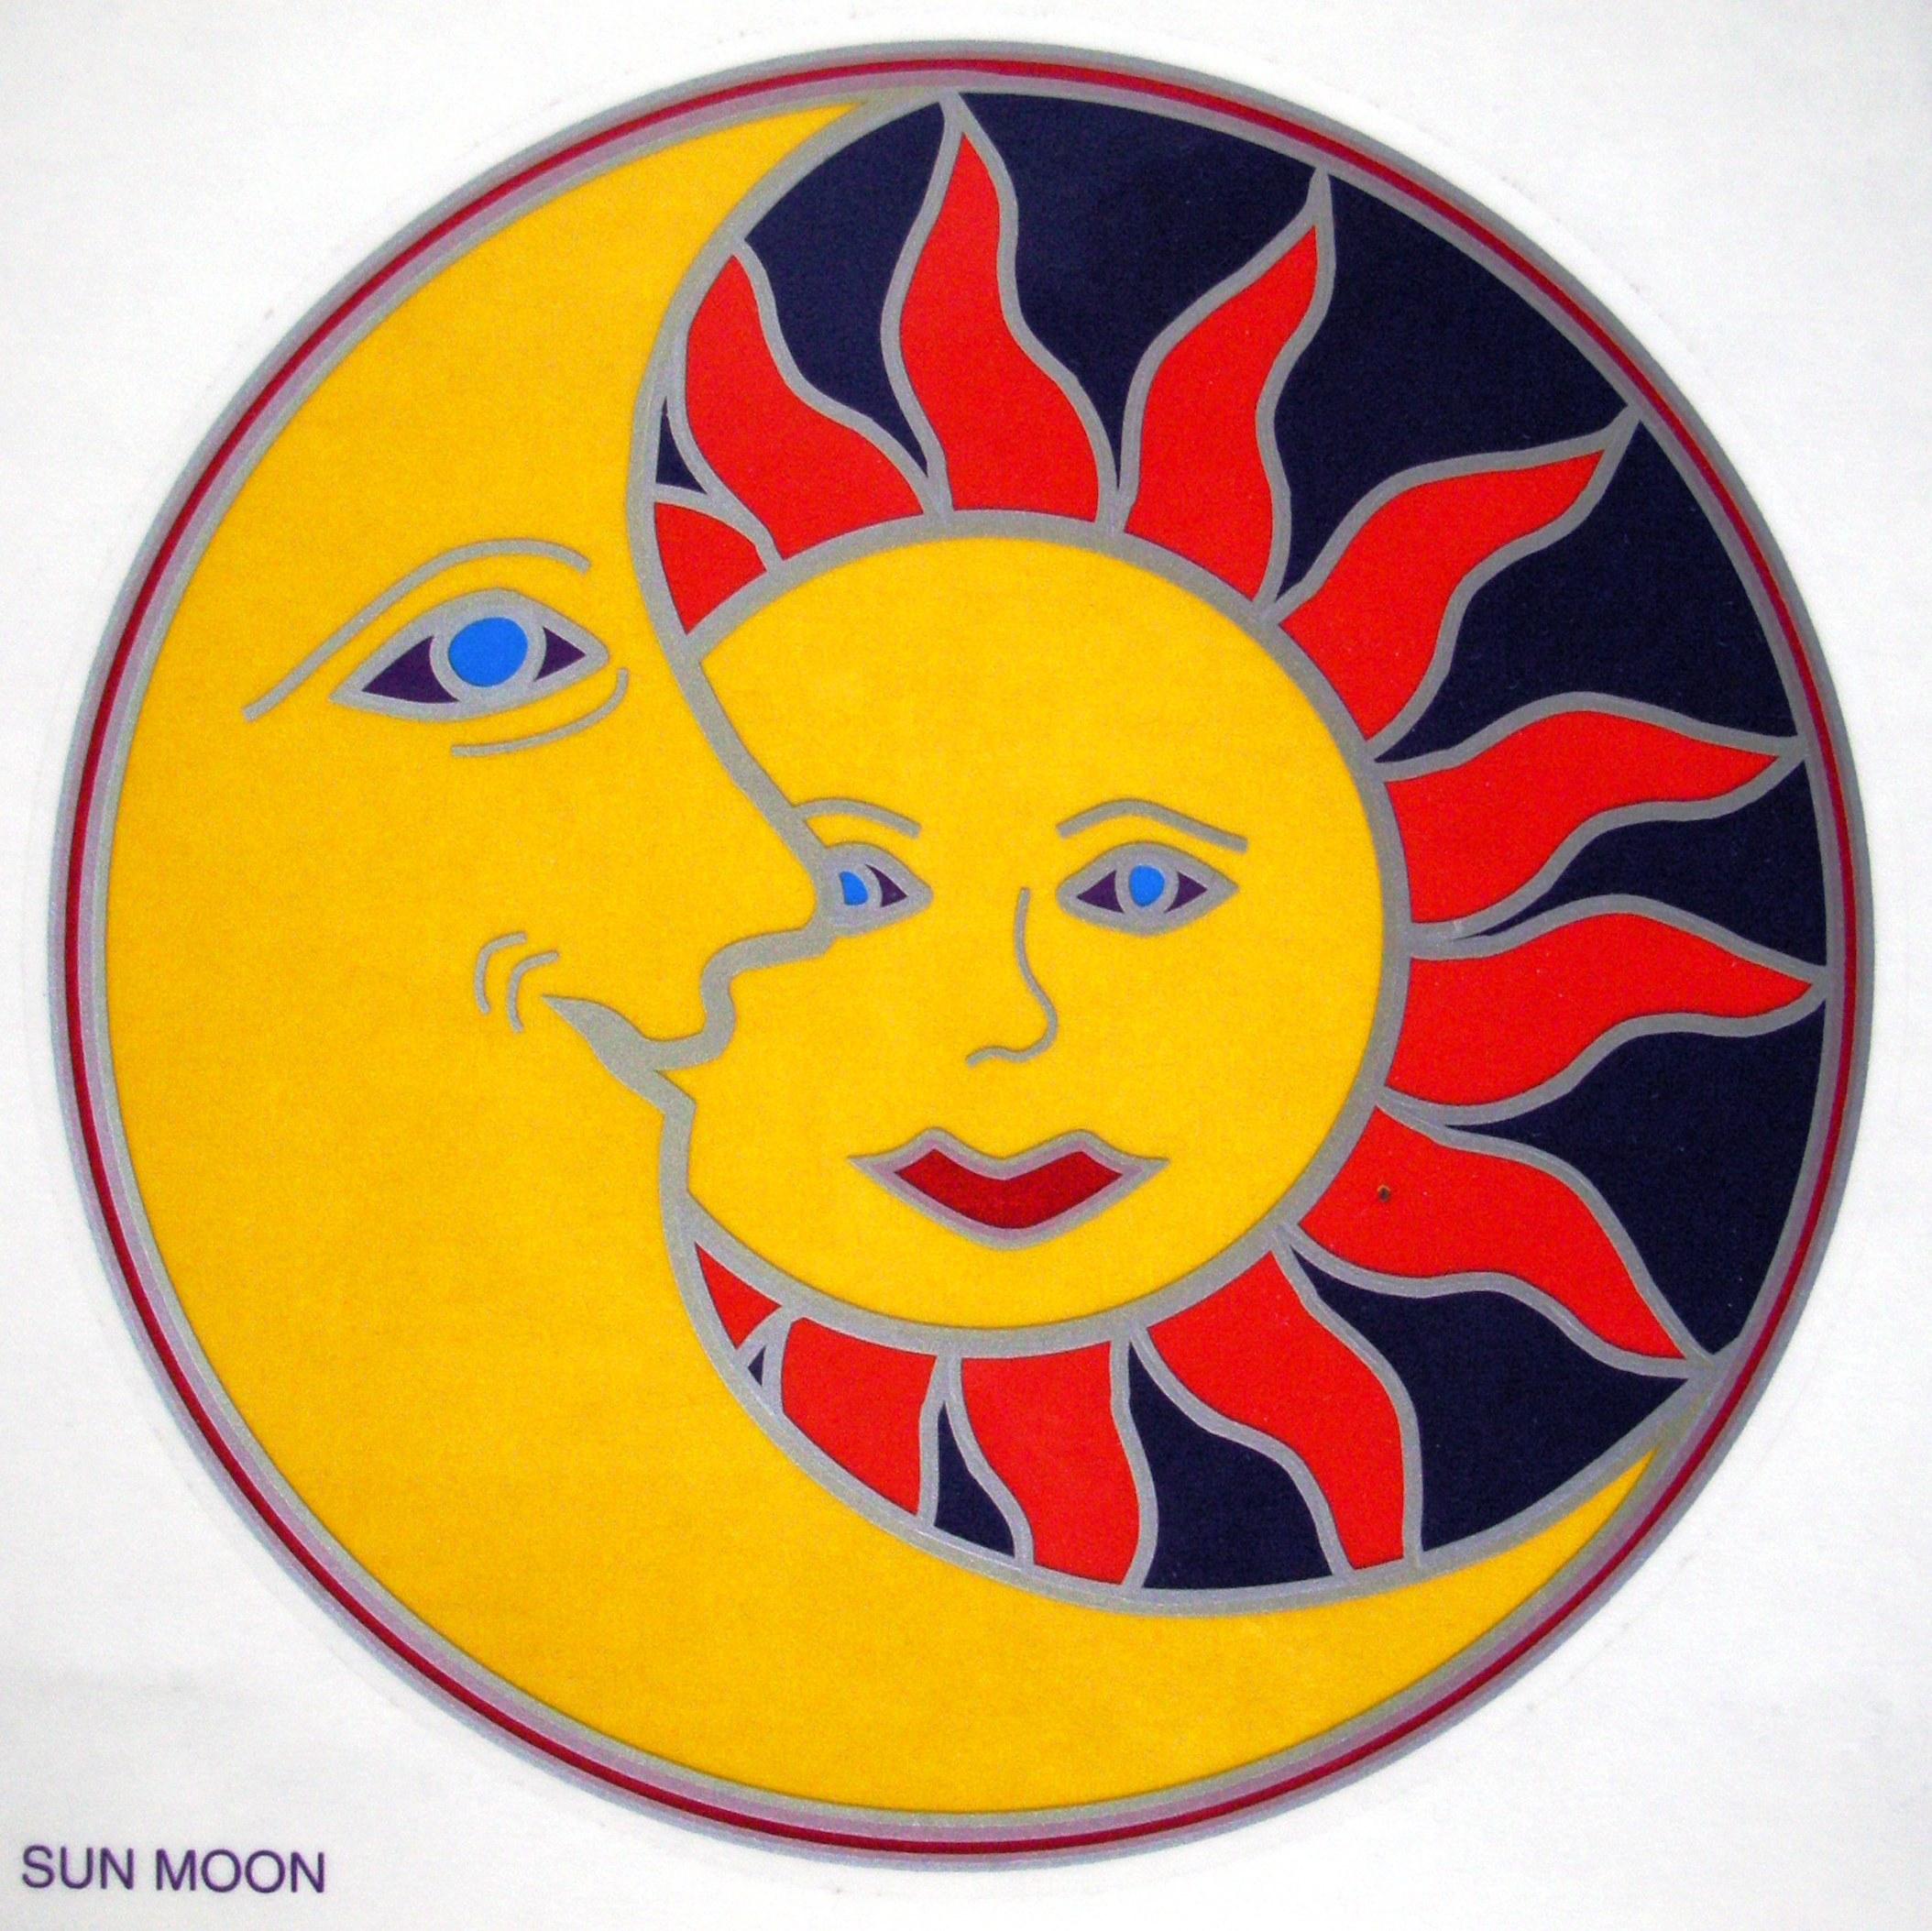 IMS Sun Moon